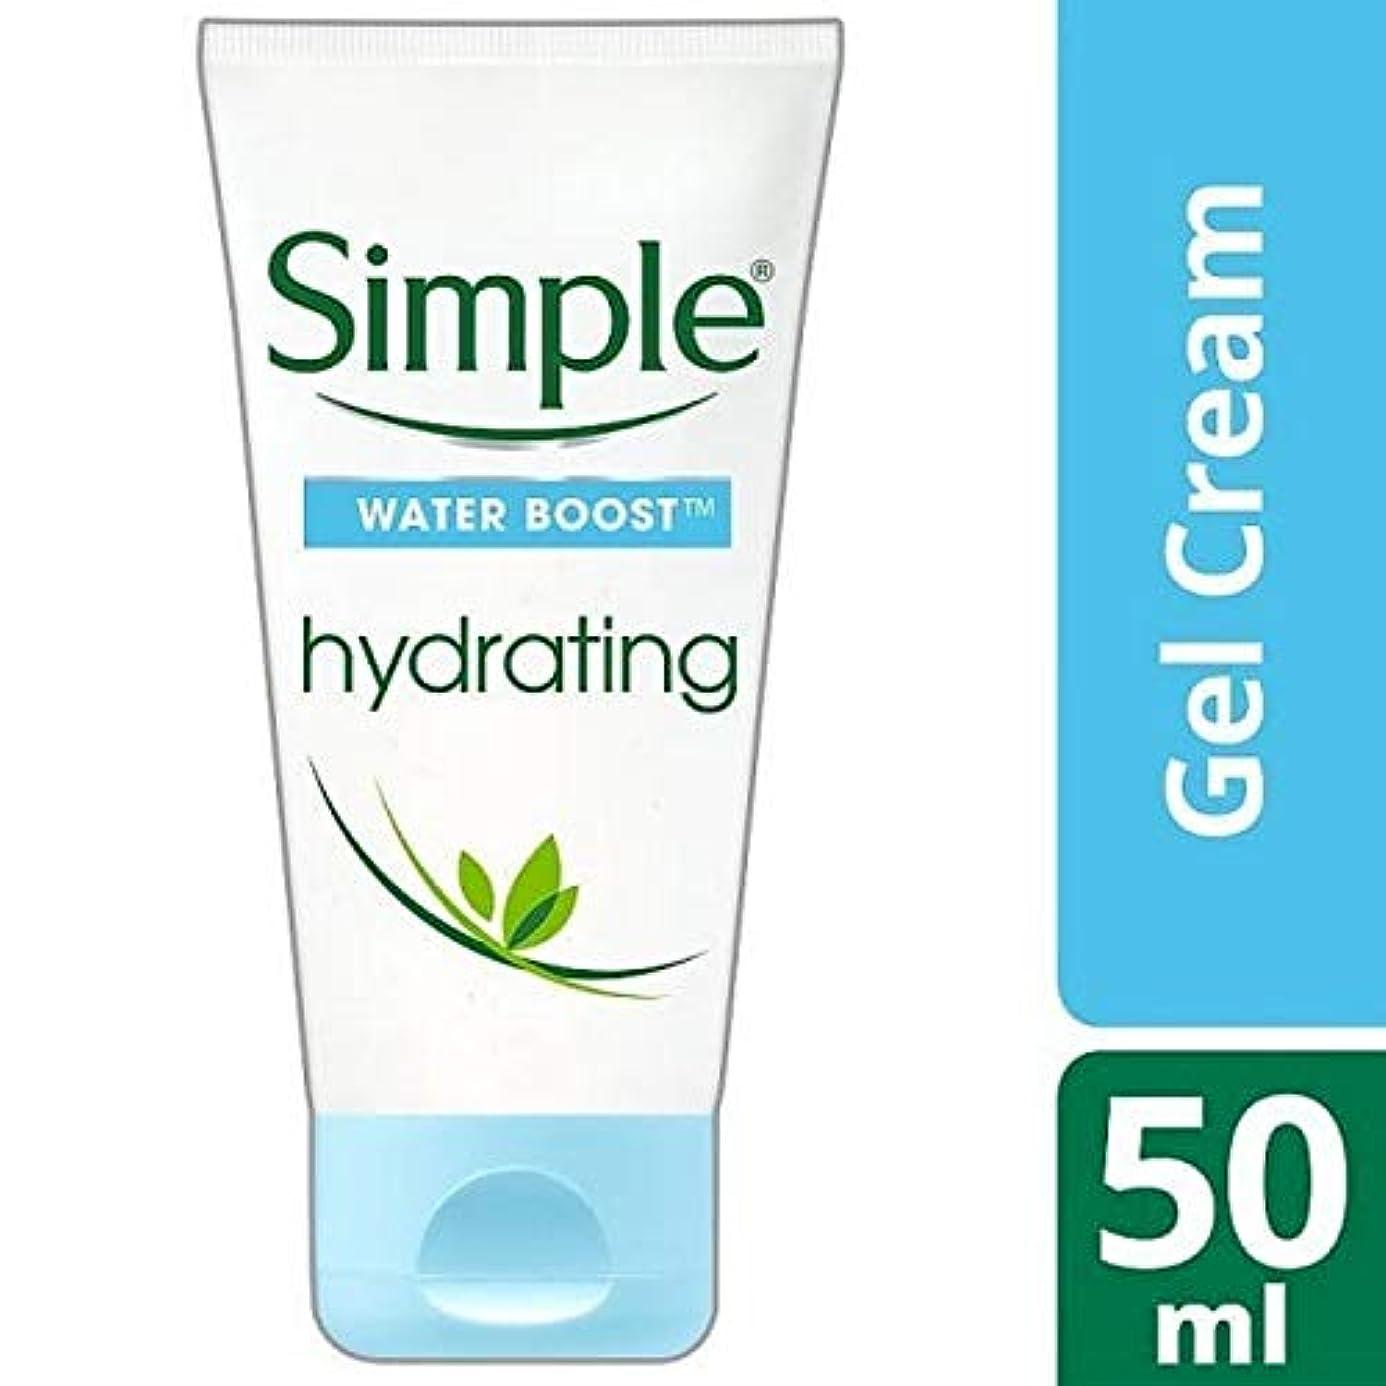 失速辞任する破滅的な[Simple ] シンプルな水ブースト水和ゲルフェイスクリーム50Ml - Simple Water Boost Hydrating Gel Face Cream 50ml [並行輸入品]